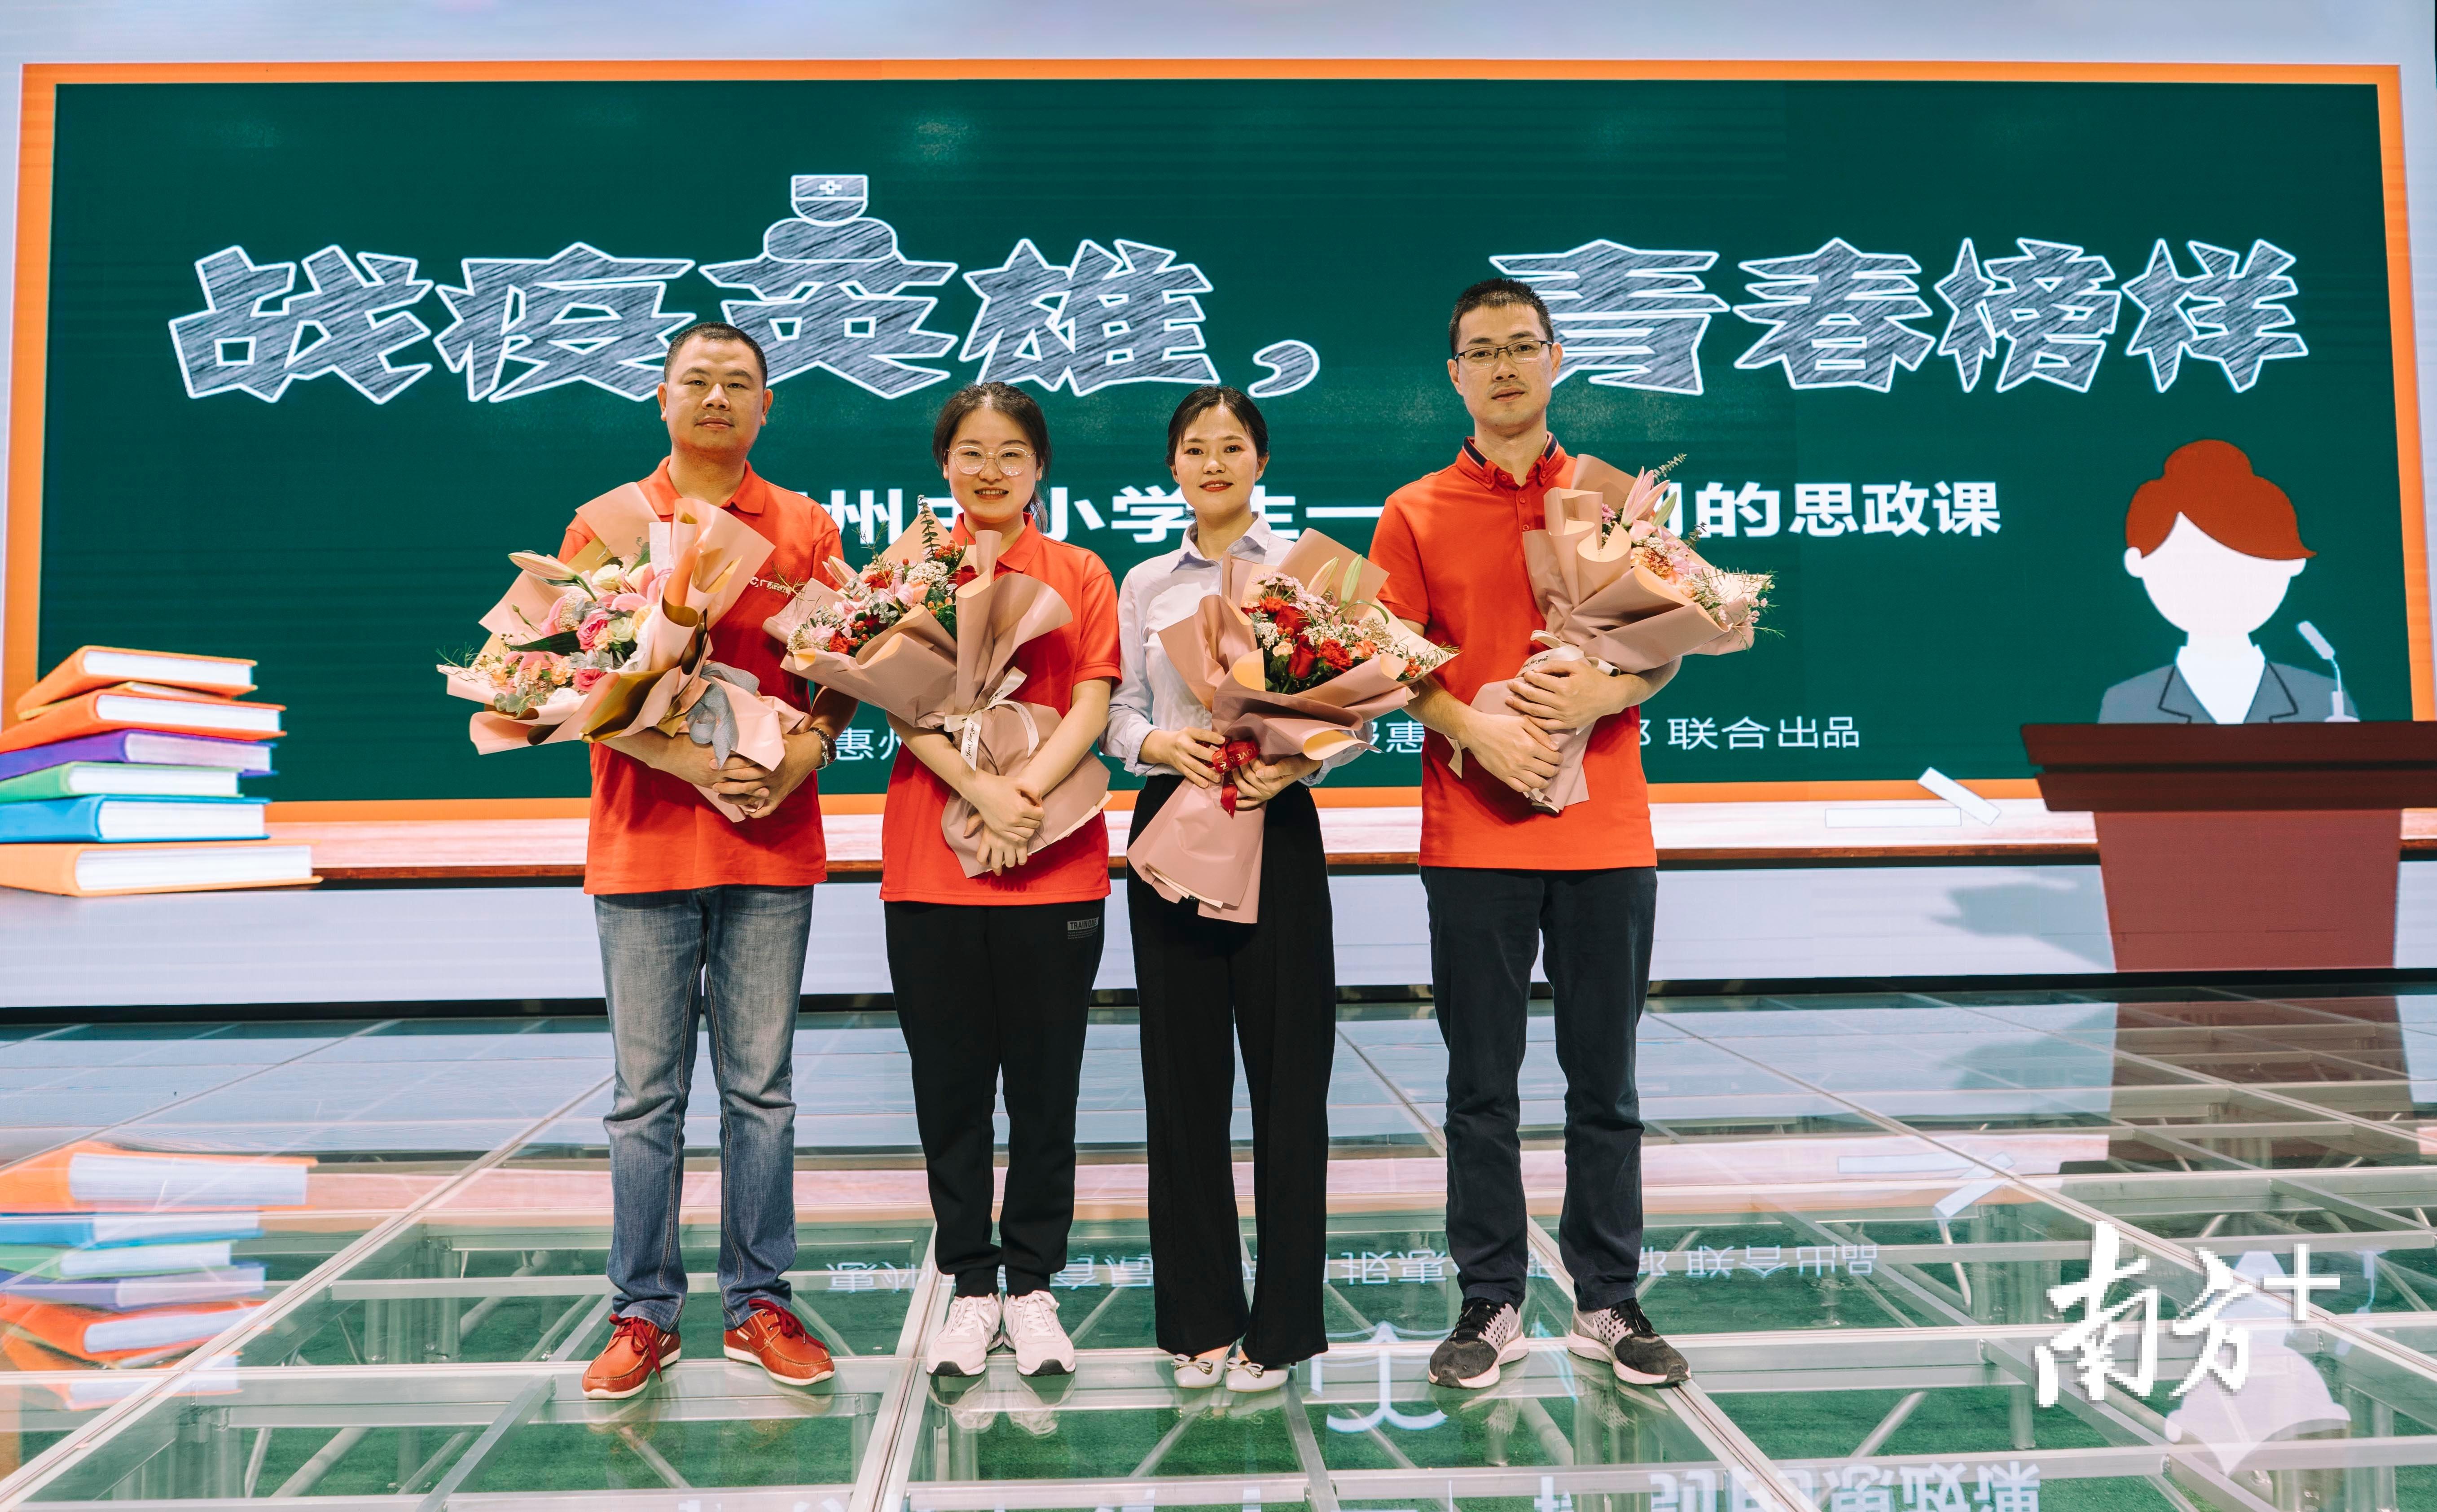 惠州特别思政课主讲老师林丽红(右二)和丈夫王科(右一)